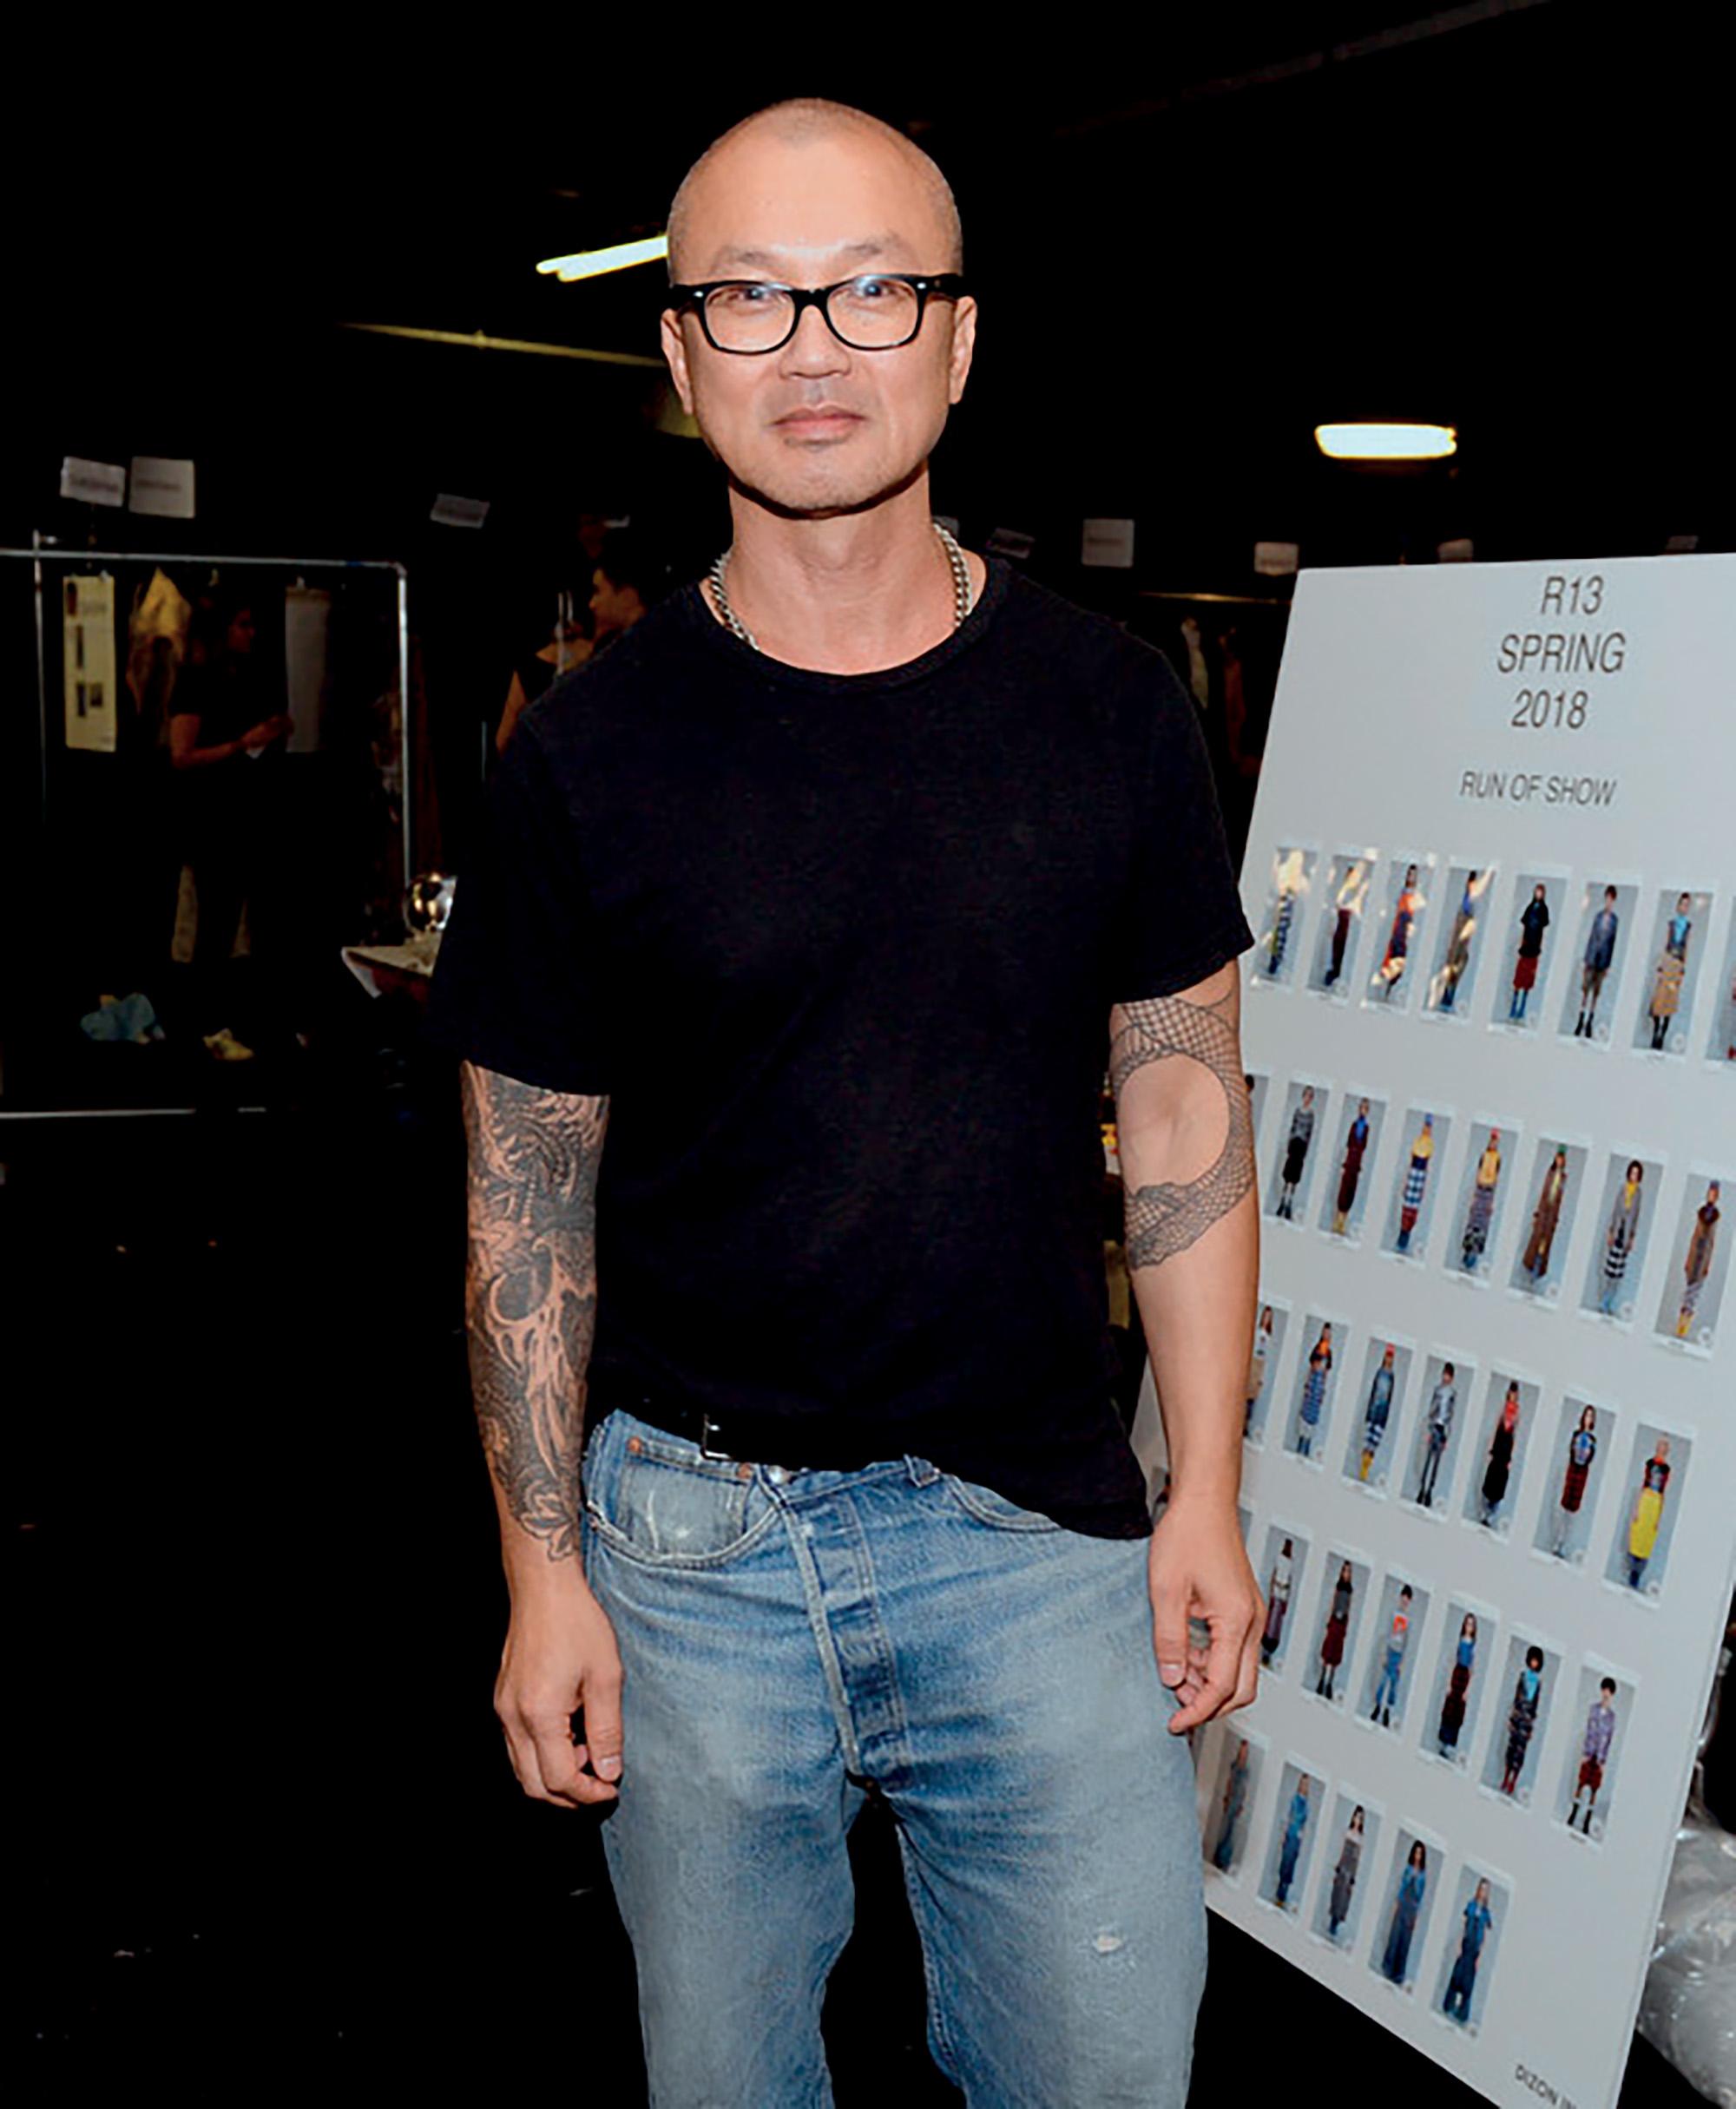 nhà thiết kế thời trang Chris Leba